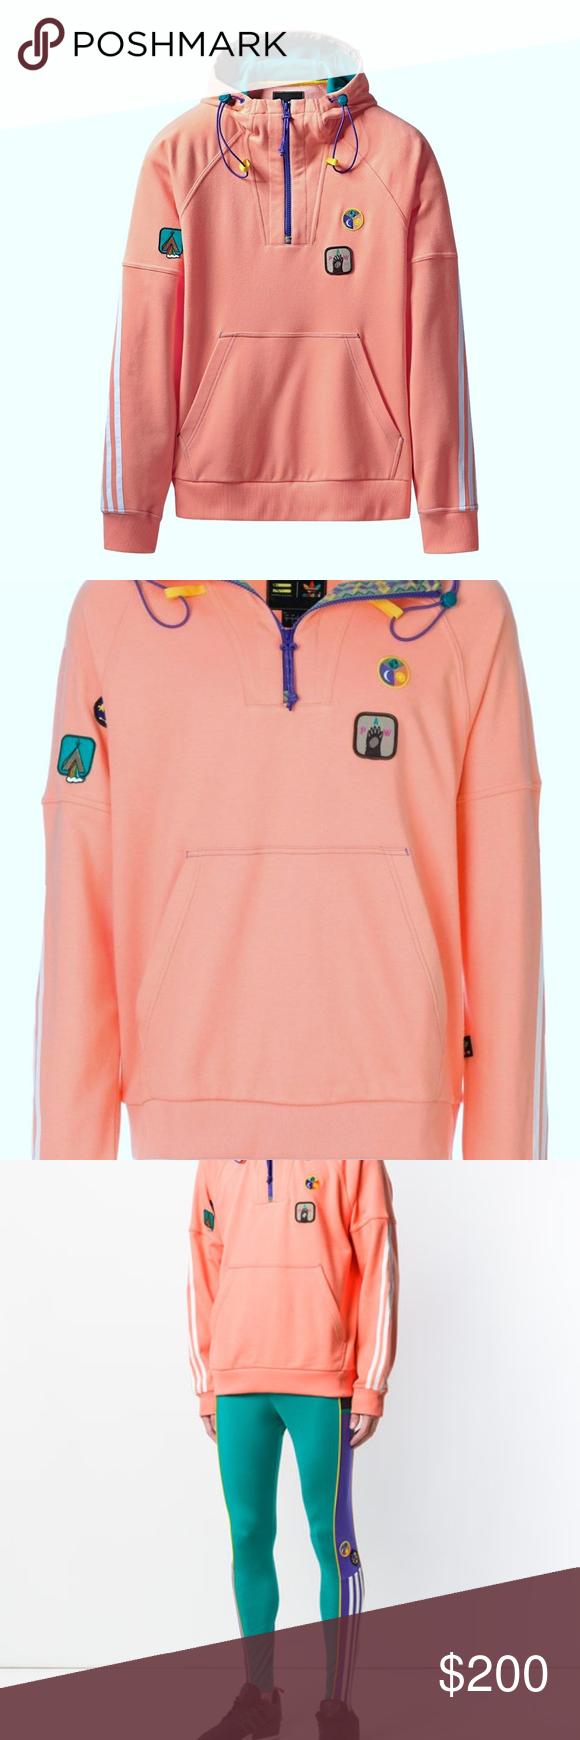 Men S Adidas Pharrell Williams Hu Hoodie Xxl Peach Hoodie Xxl Adidas Pharrell Williams Clothes Design [ 1740 x 580 Pixel ]